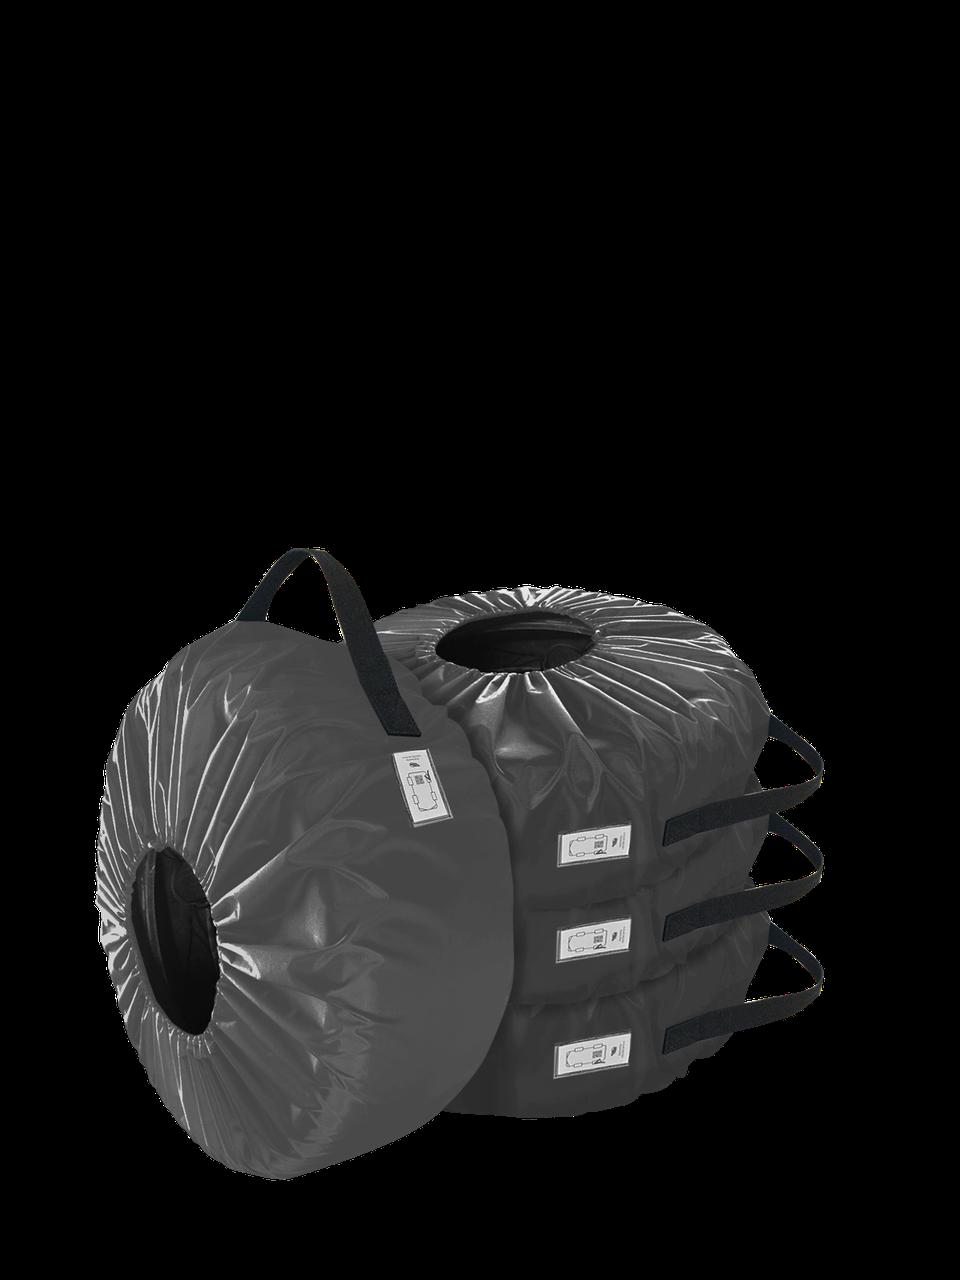 Комплект чохлів для коліс Coverbag Eco XL сірий 4шт.